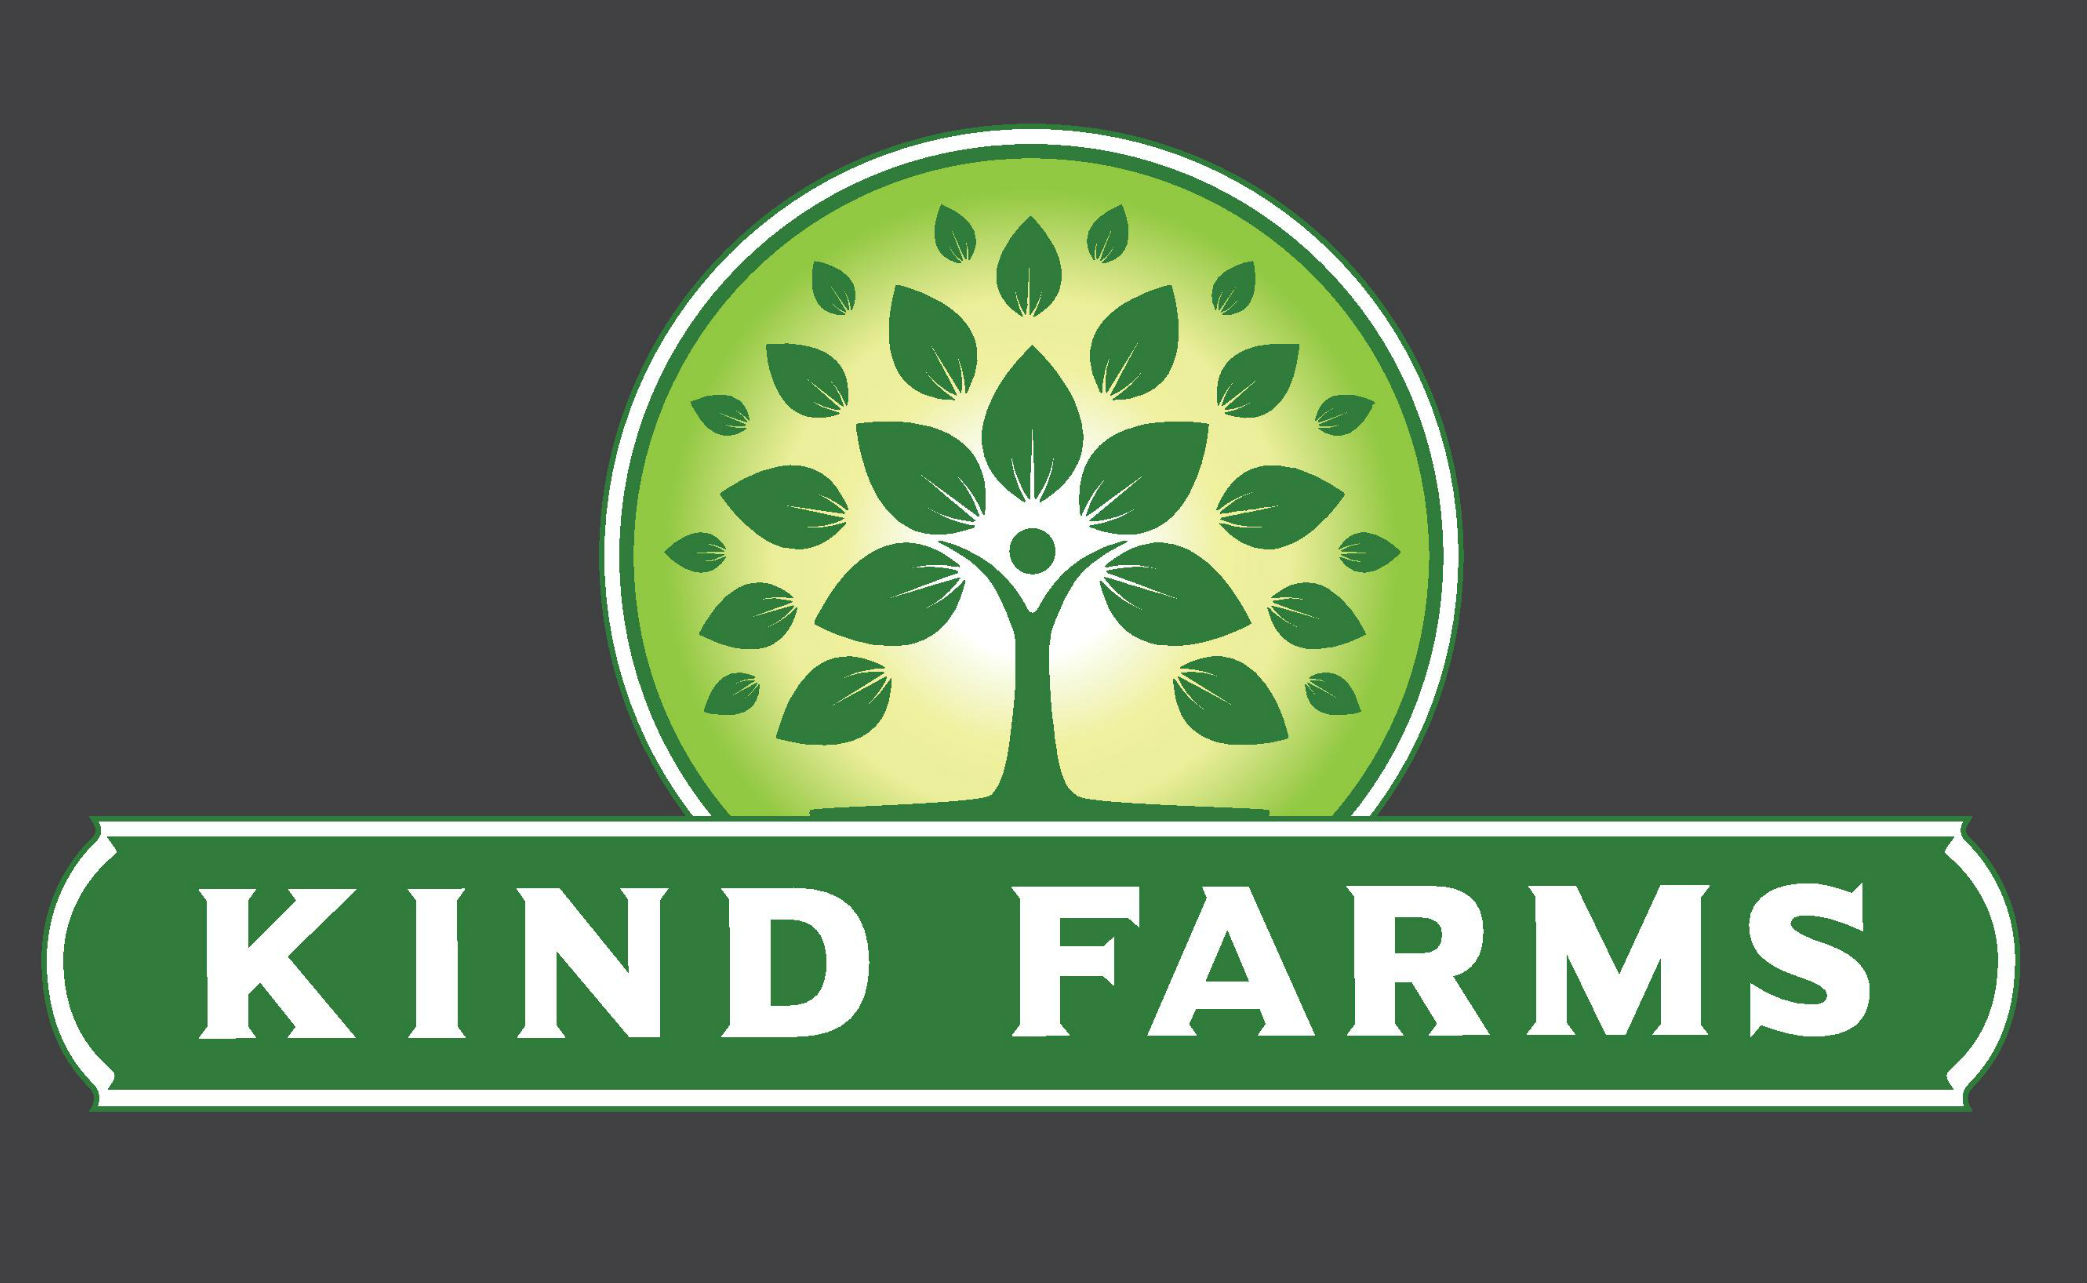 Kind Farms